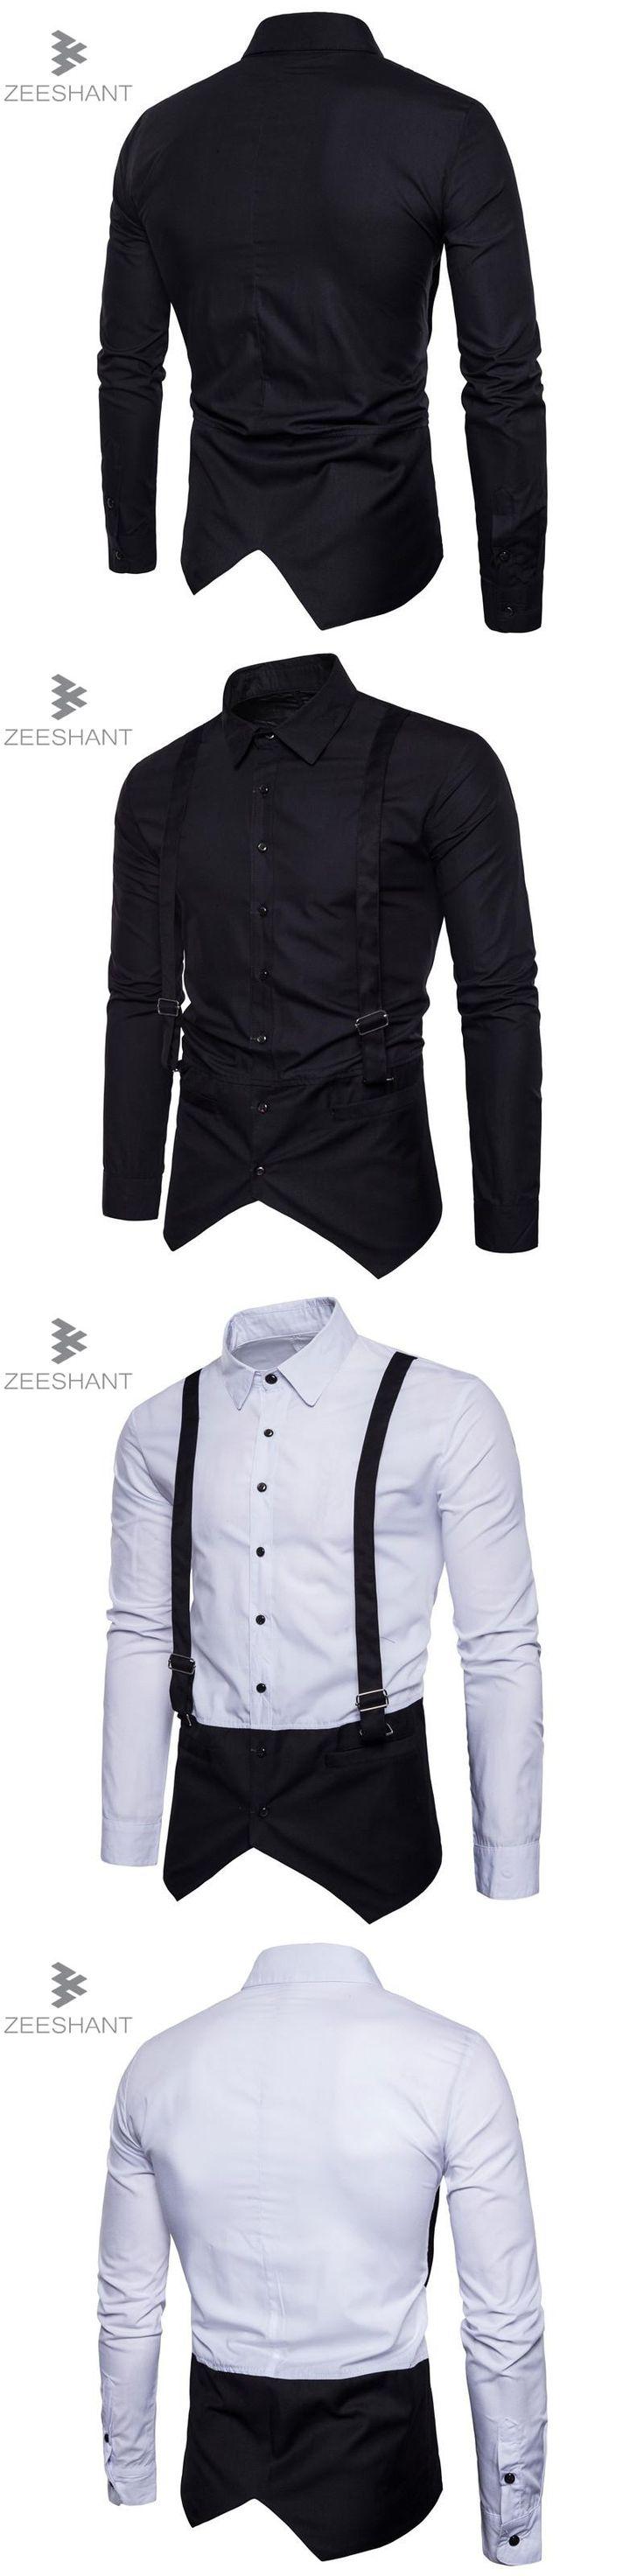 Zeeshant 2017 New Men's Shirts Wedding Party Dress Long Sleeve Shirt Silk Tuxedo Shirt Men in Men's Tuxedo Shirts XXL